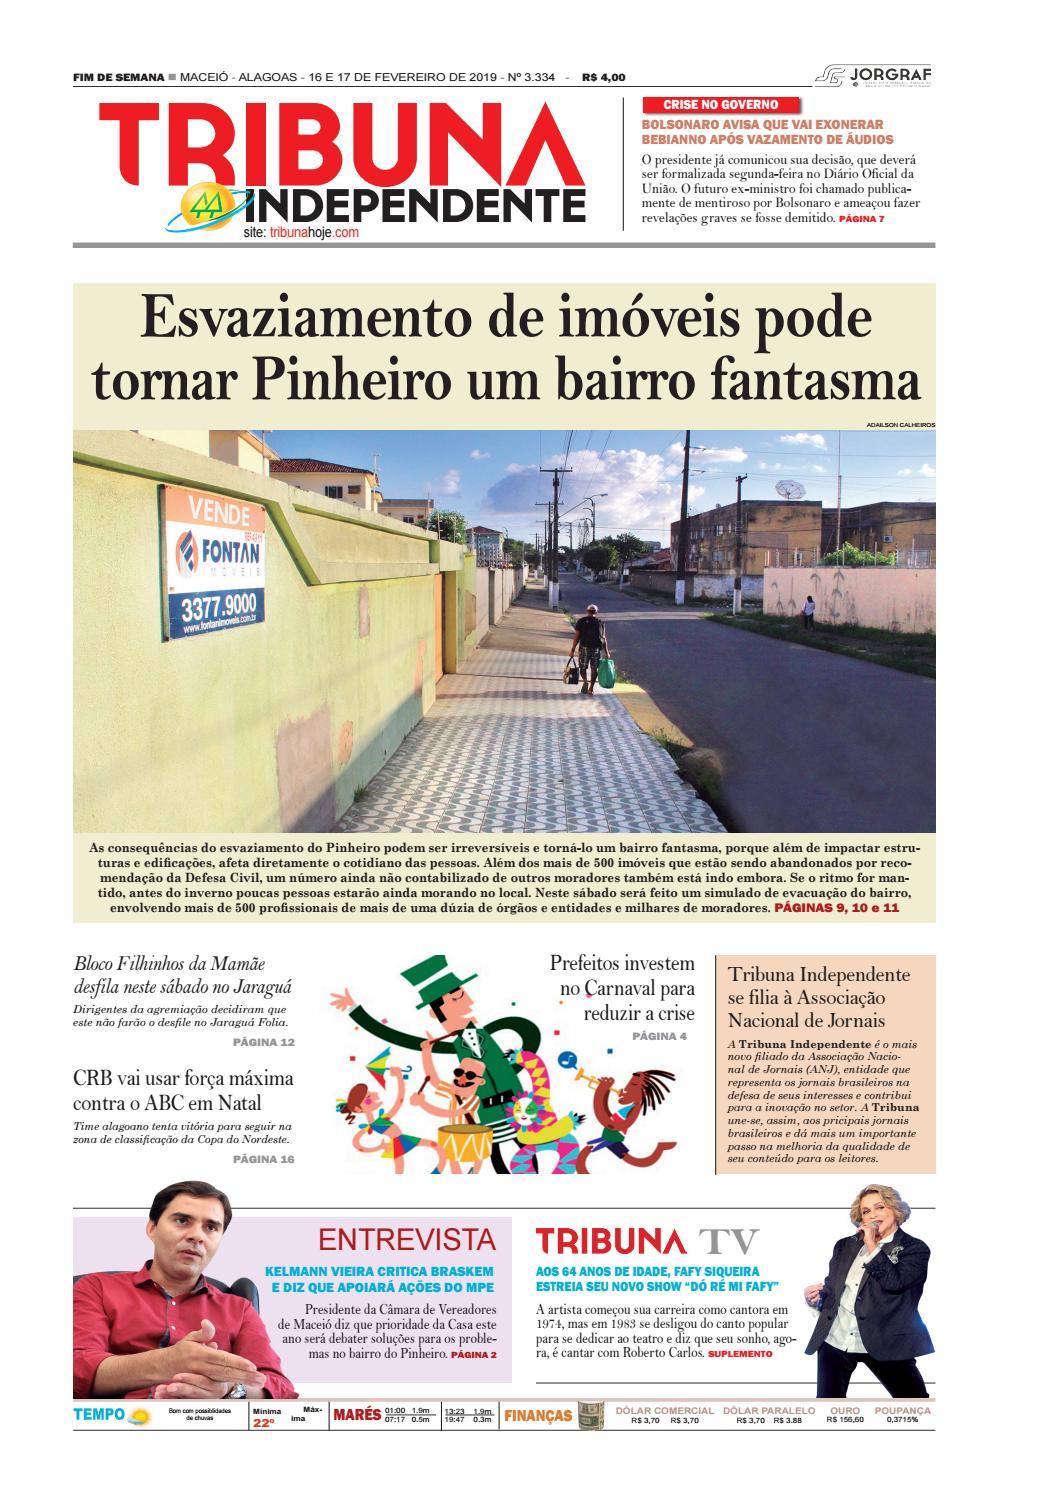 Edição número 3334 - 16 e 17 de fevereiro de 2019 by Tribuna Hoje - issuu 8e2d89cab34